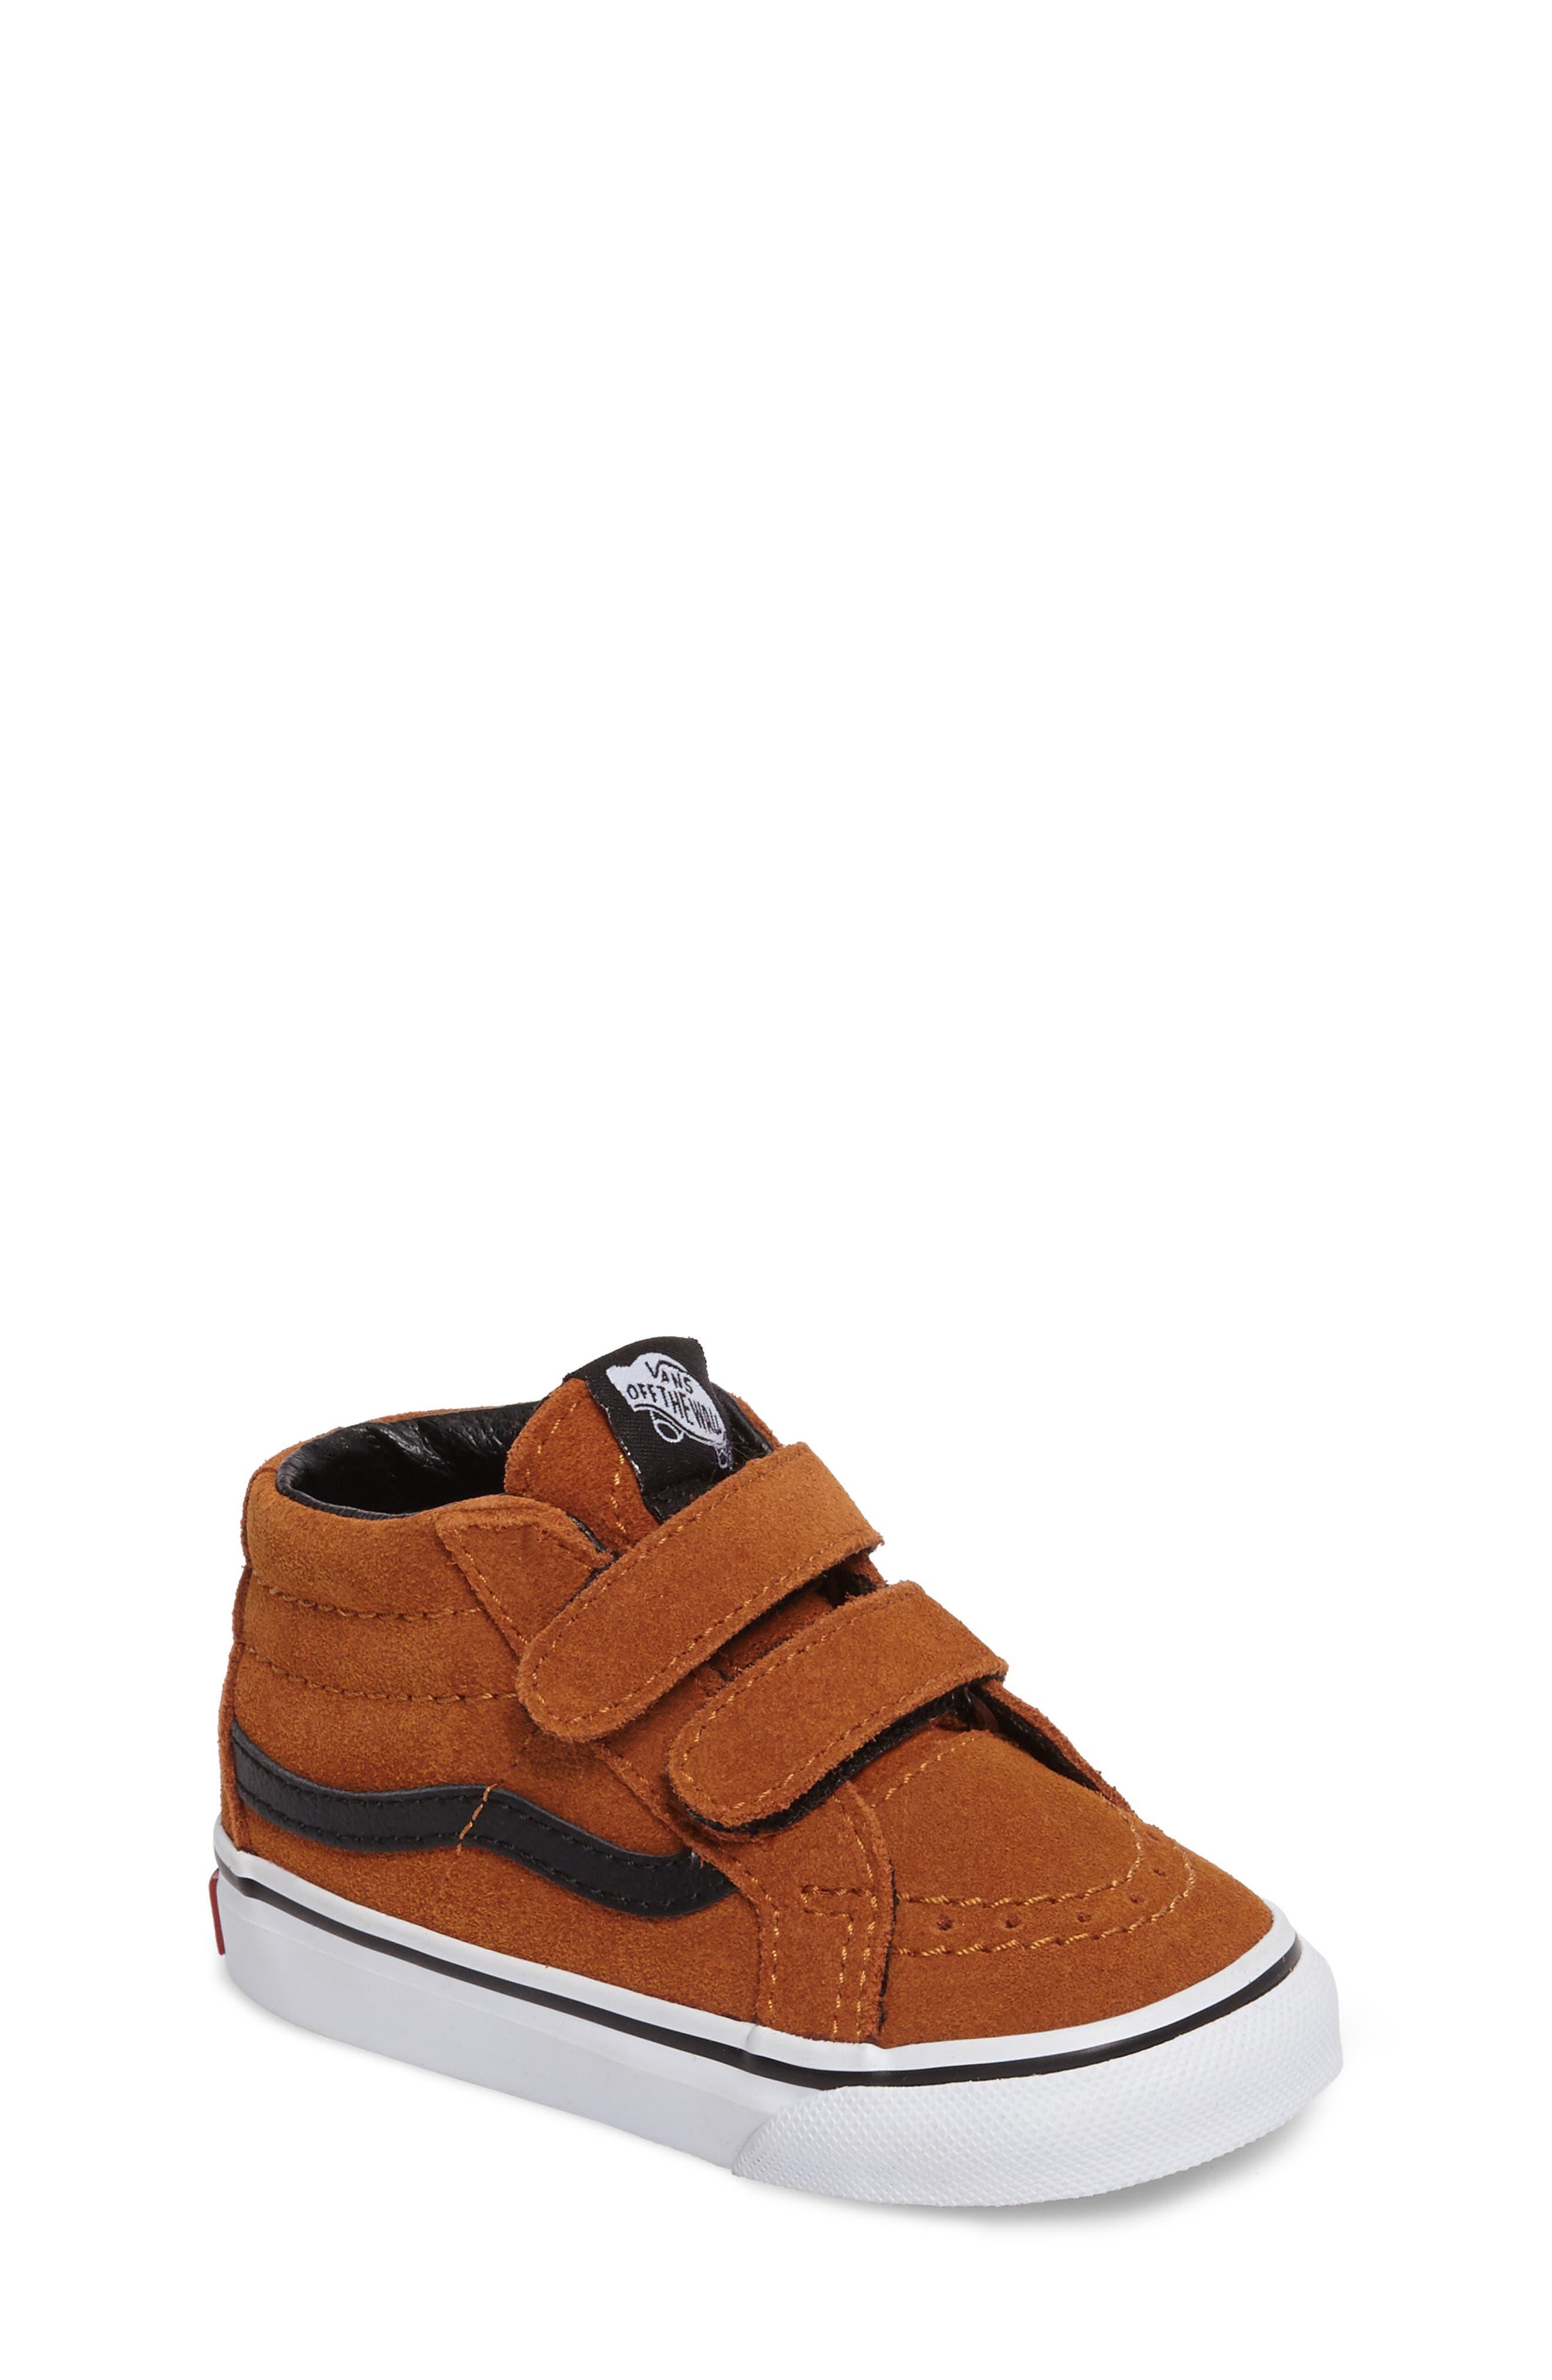 SK8-Mid Reissue Sneaker,                         Main,                         color, Glazed Ginger/ Black